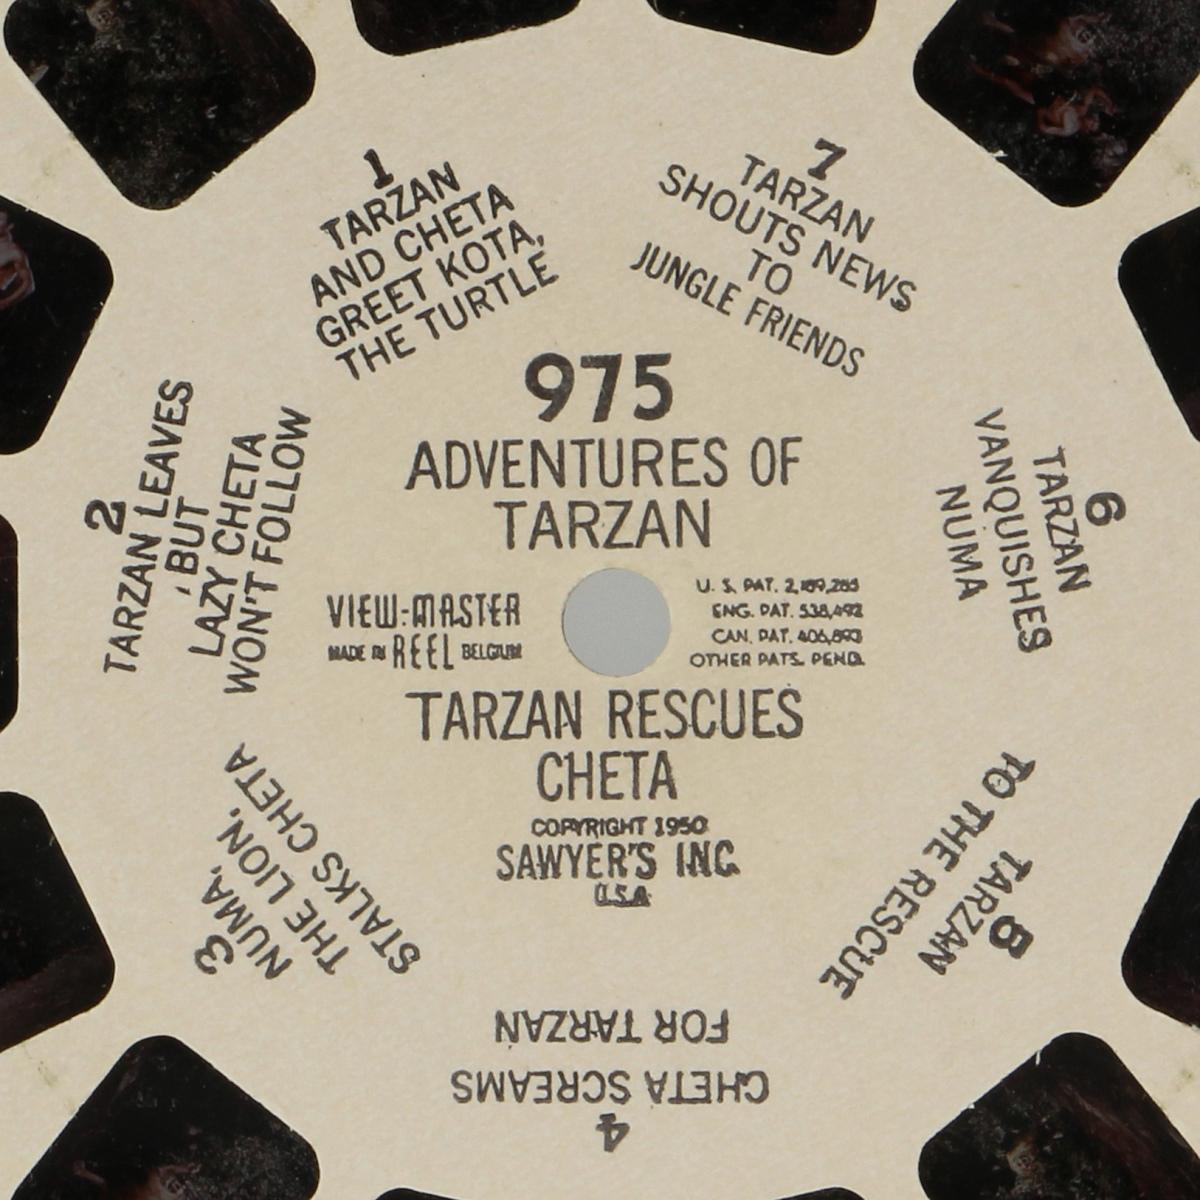 Afbeeldingen van View-master Adventures of Tarzan: Tarzan rescues cheta 975